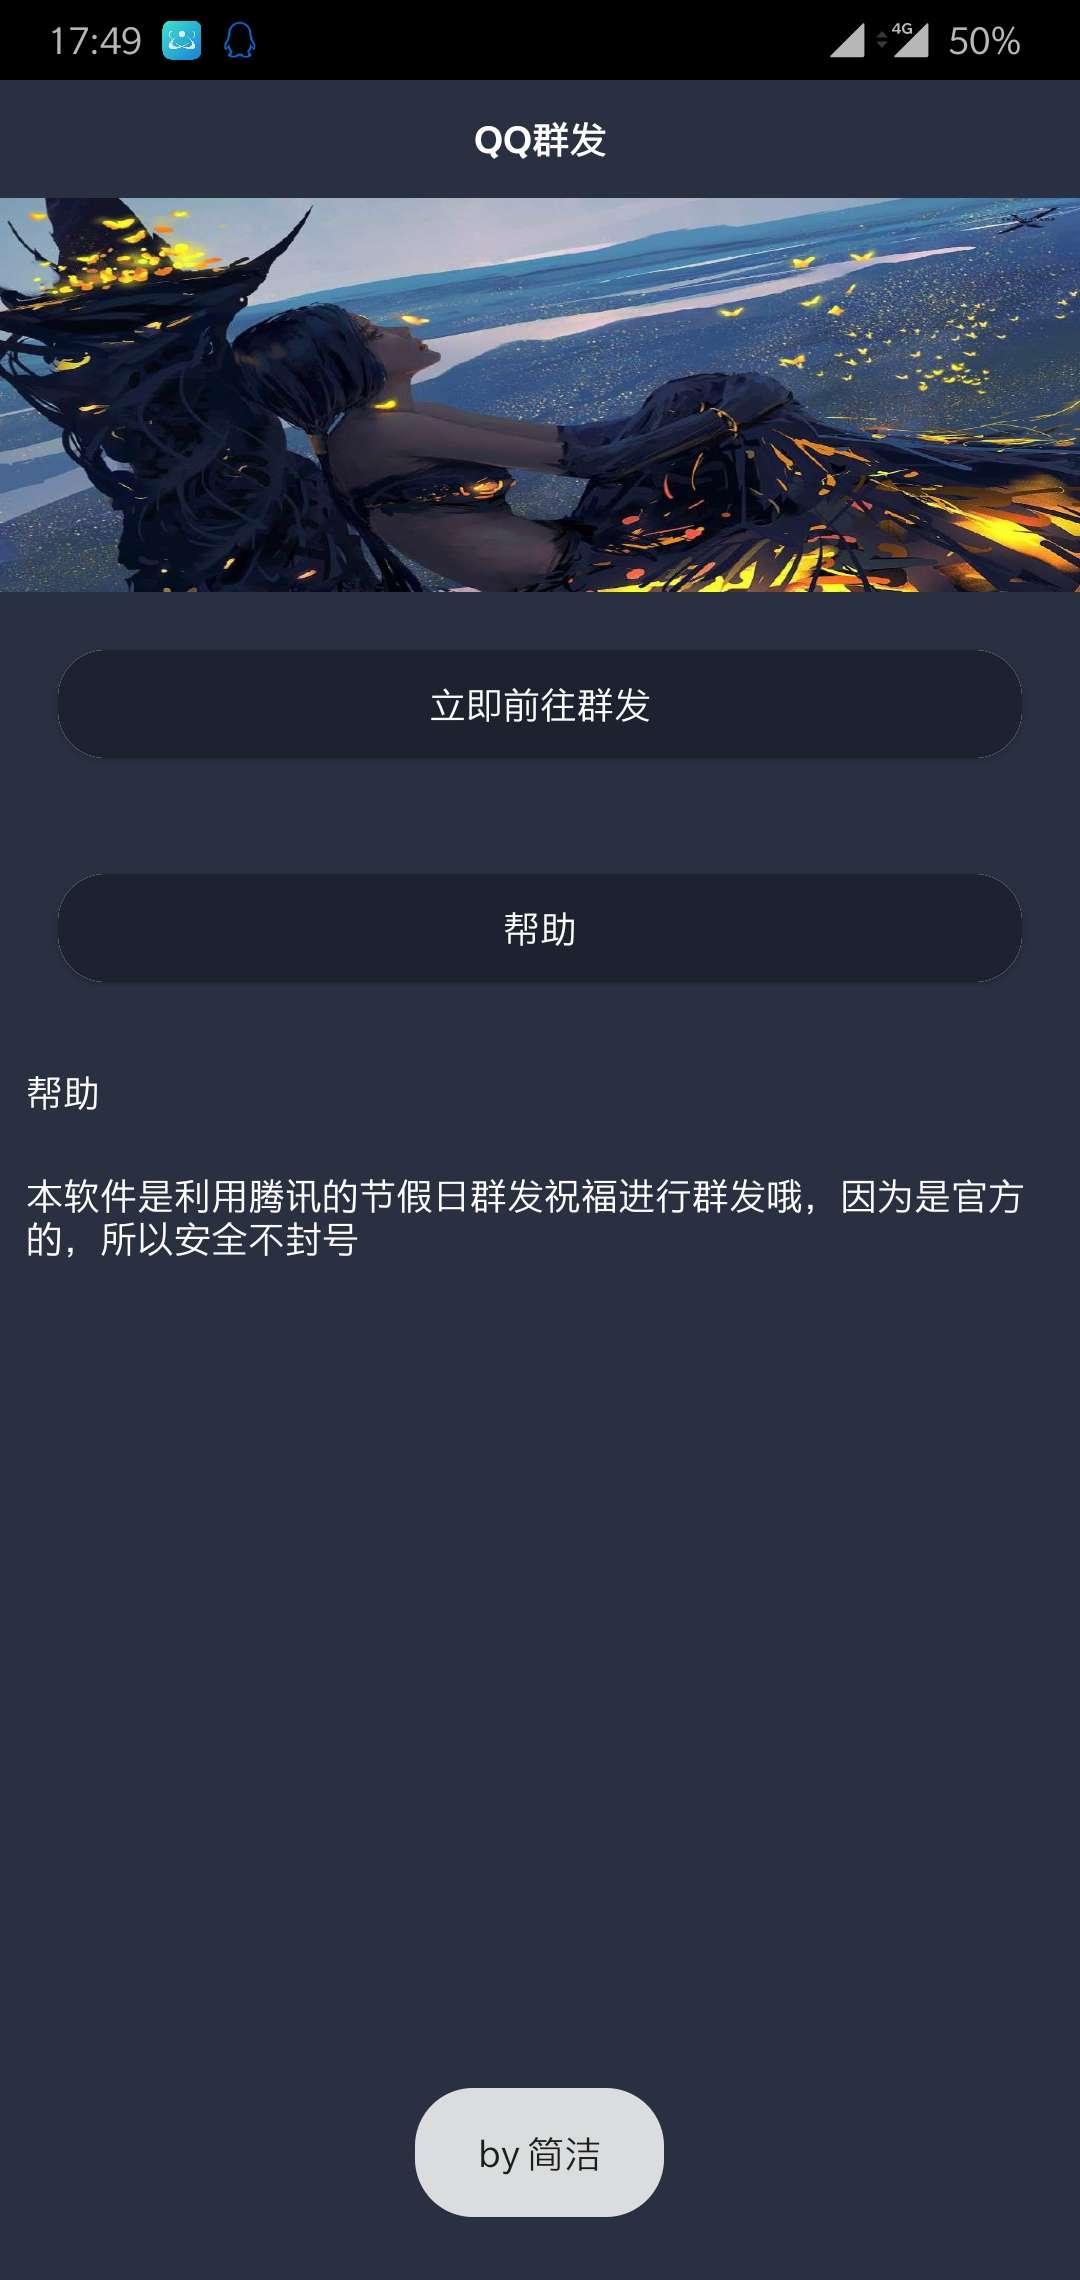 【资源分享】QQ群发软件 v2.0   100%不封号